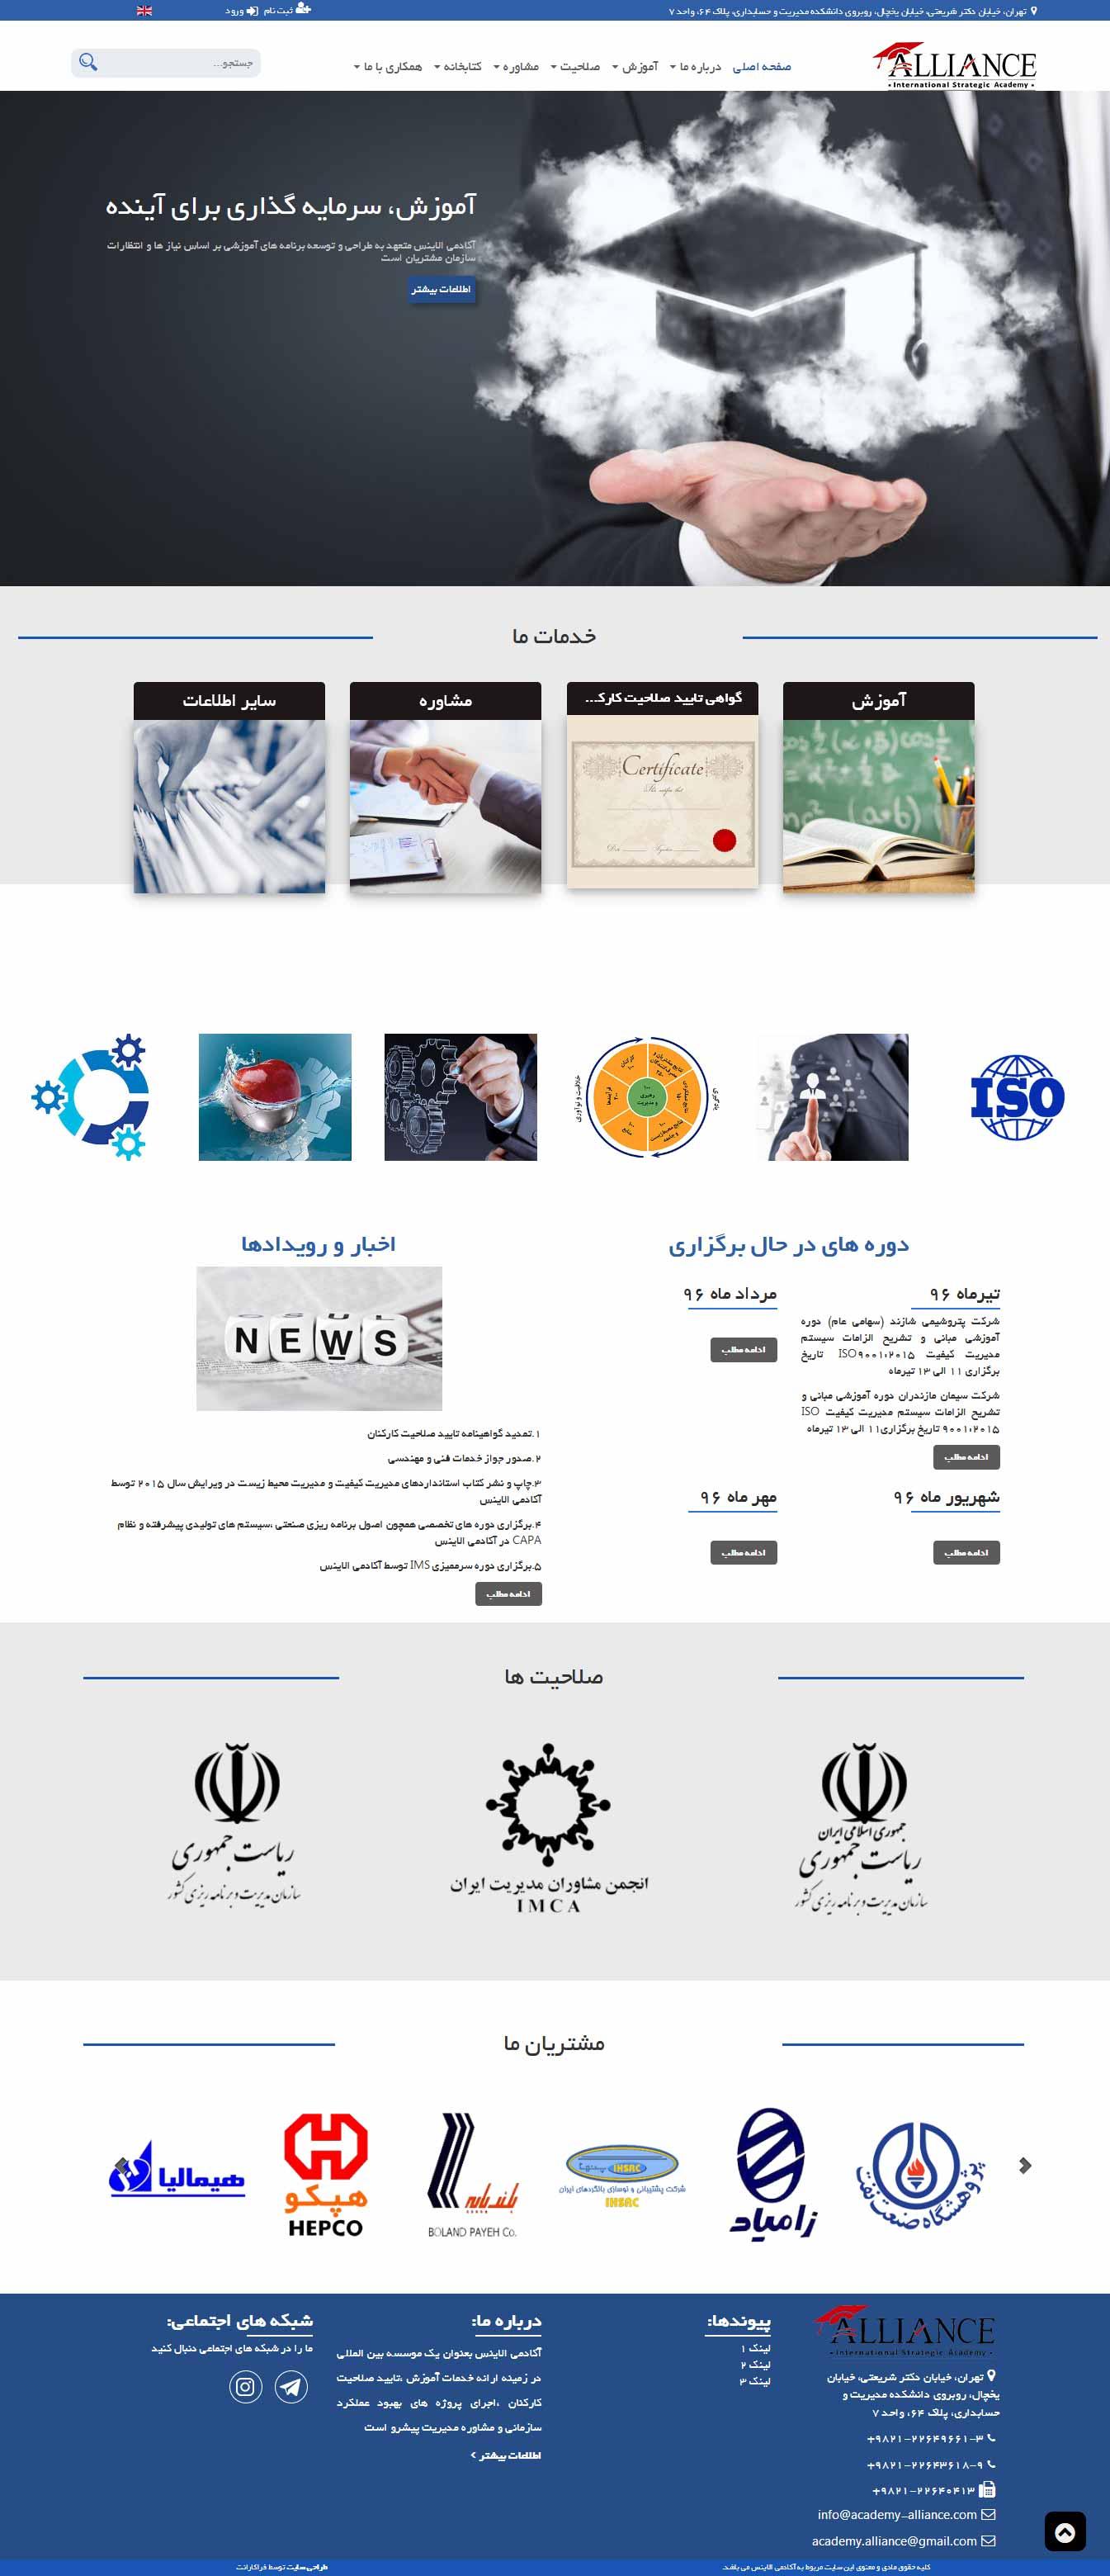 طراحی سایت موسسه بین المللی آکادمی الیانس